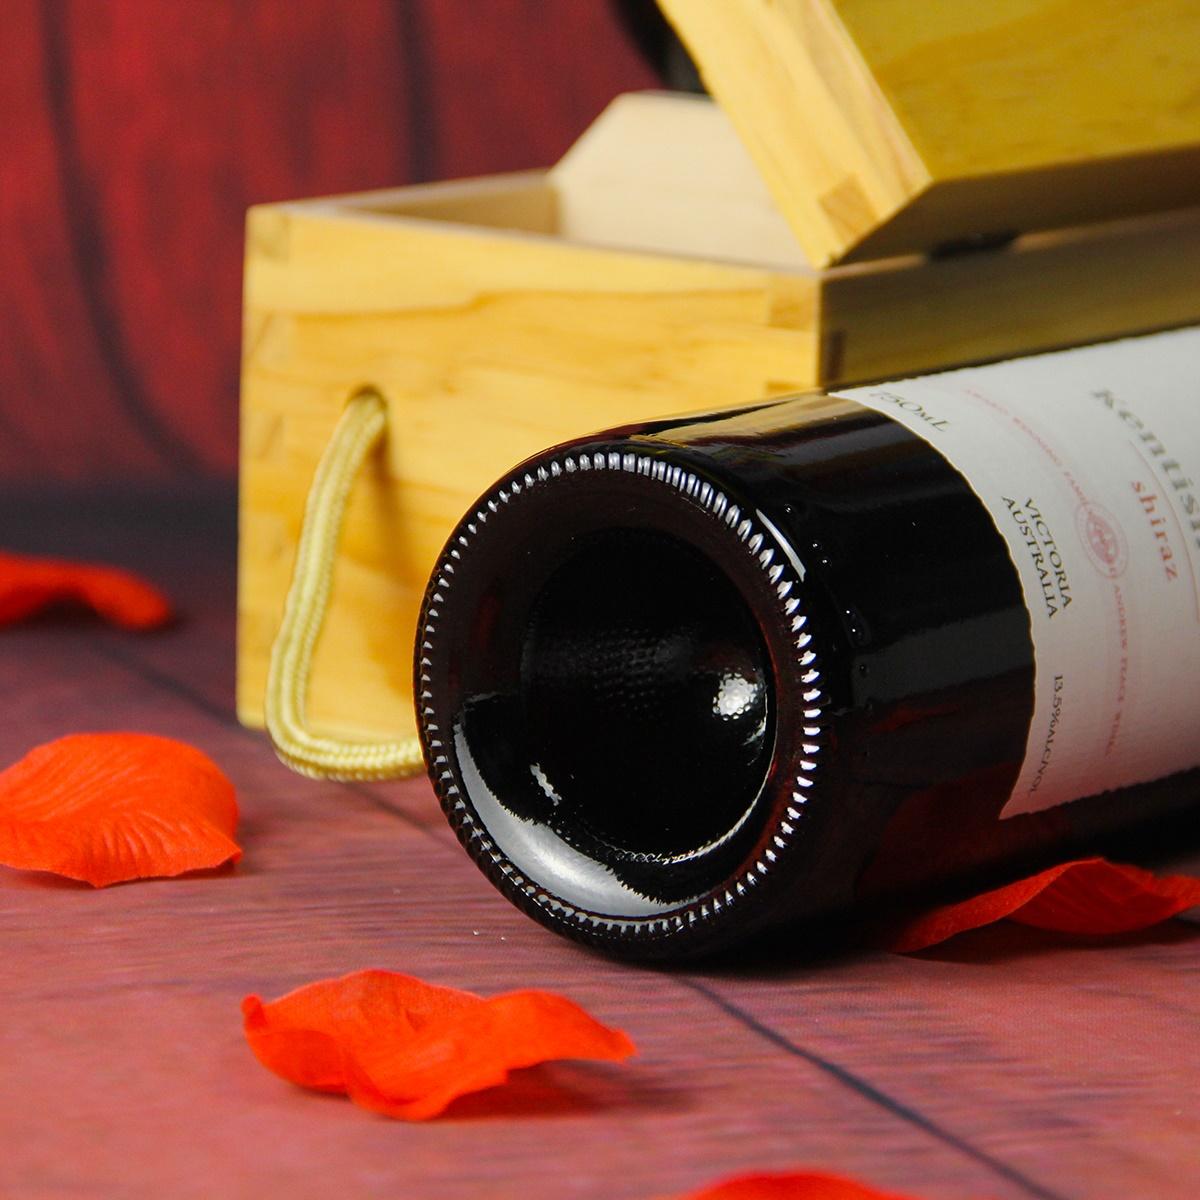 澳大利亚安德鲁皮士酒庄肯特莱恩西拉干红葡萄酒